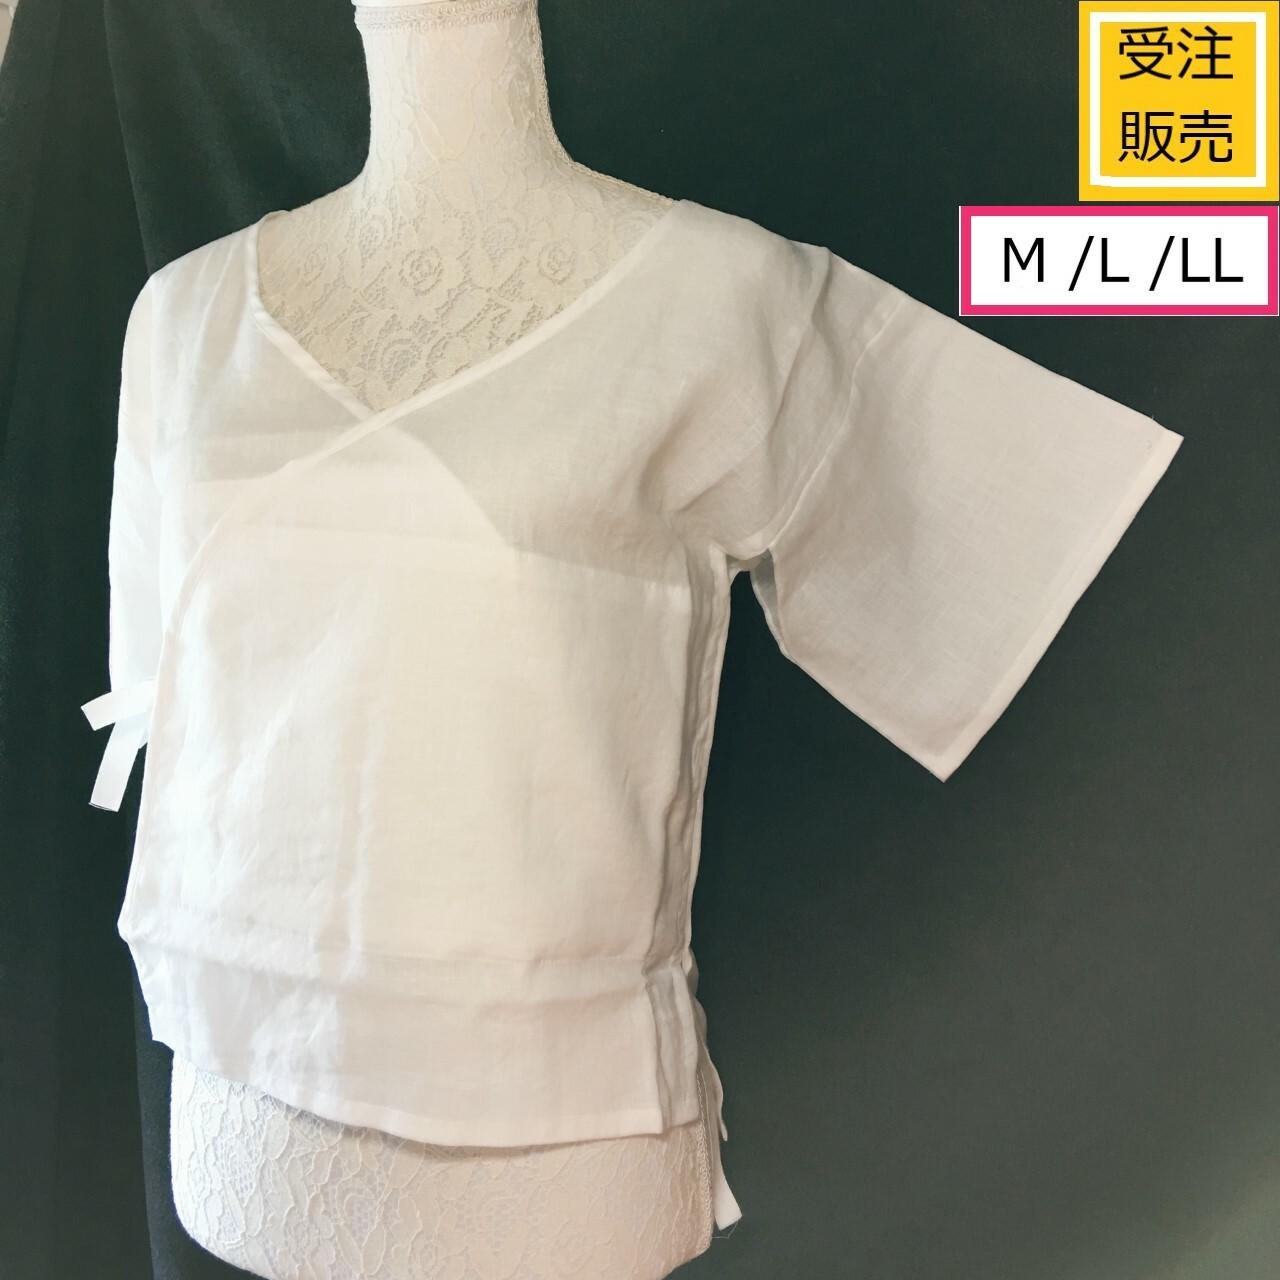 【お取寄せ】新品着物を汗から守ります!快適汗対策!麻わた入り本麻肌襦袢 M / L / LLサイズ